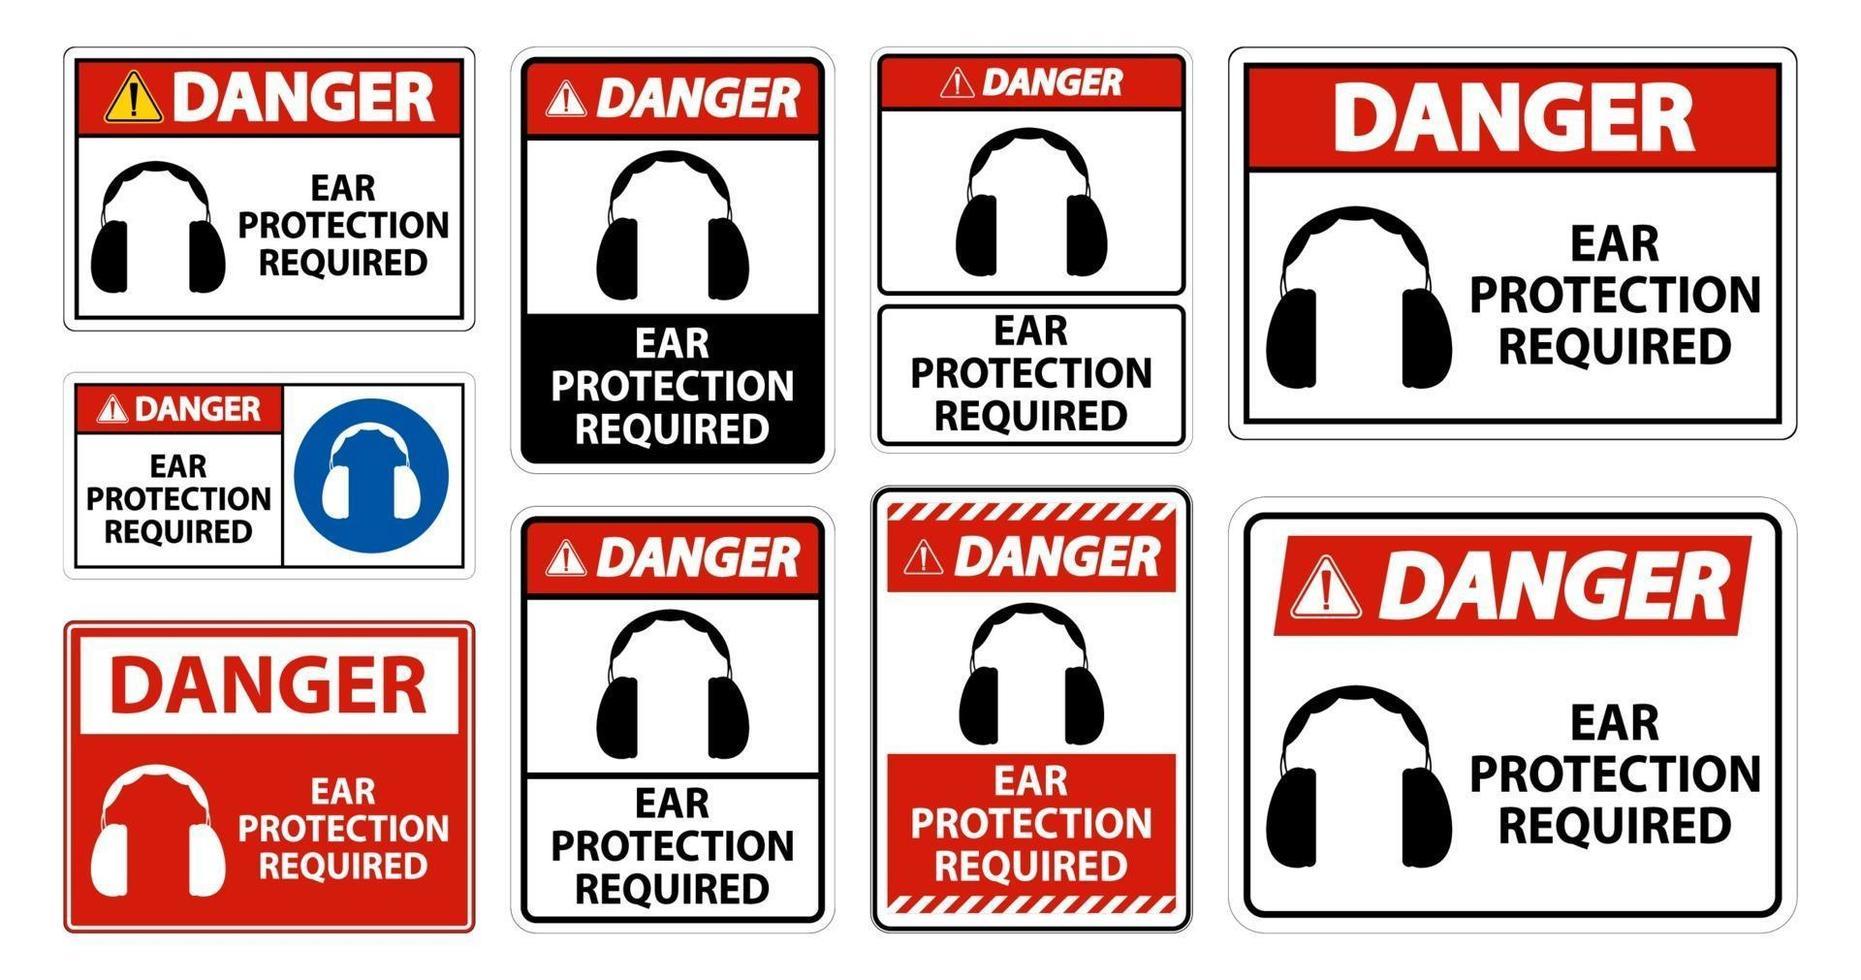 Señal de símbolo requerida protección auditiva de peligro aislar sobre fondo transparente, ilustración vectorial vector